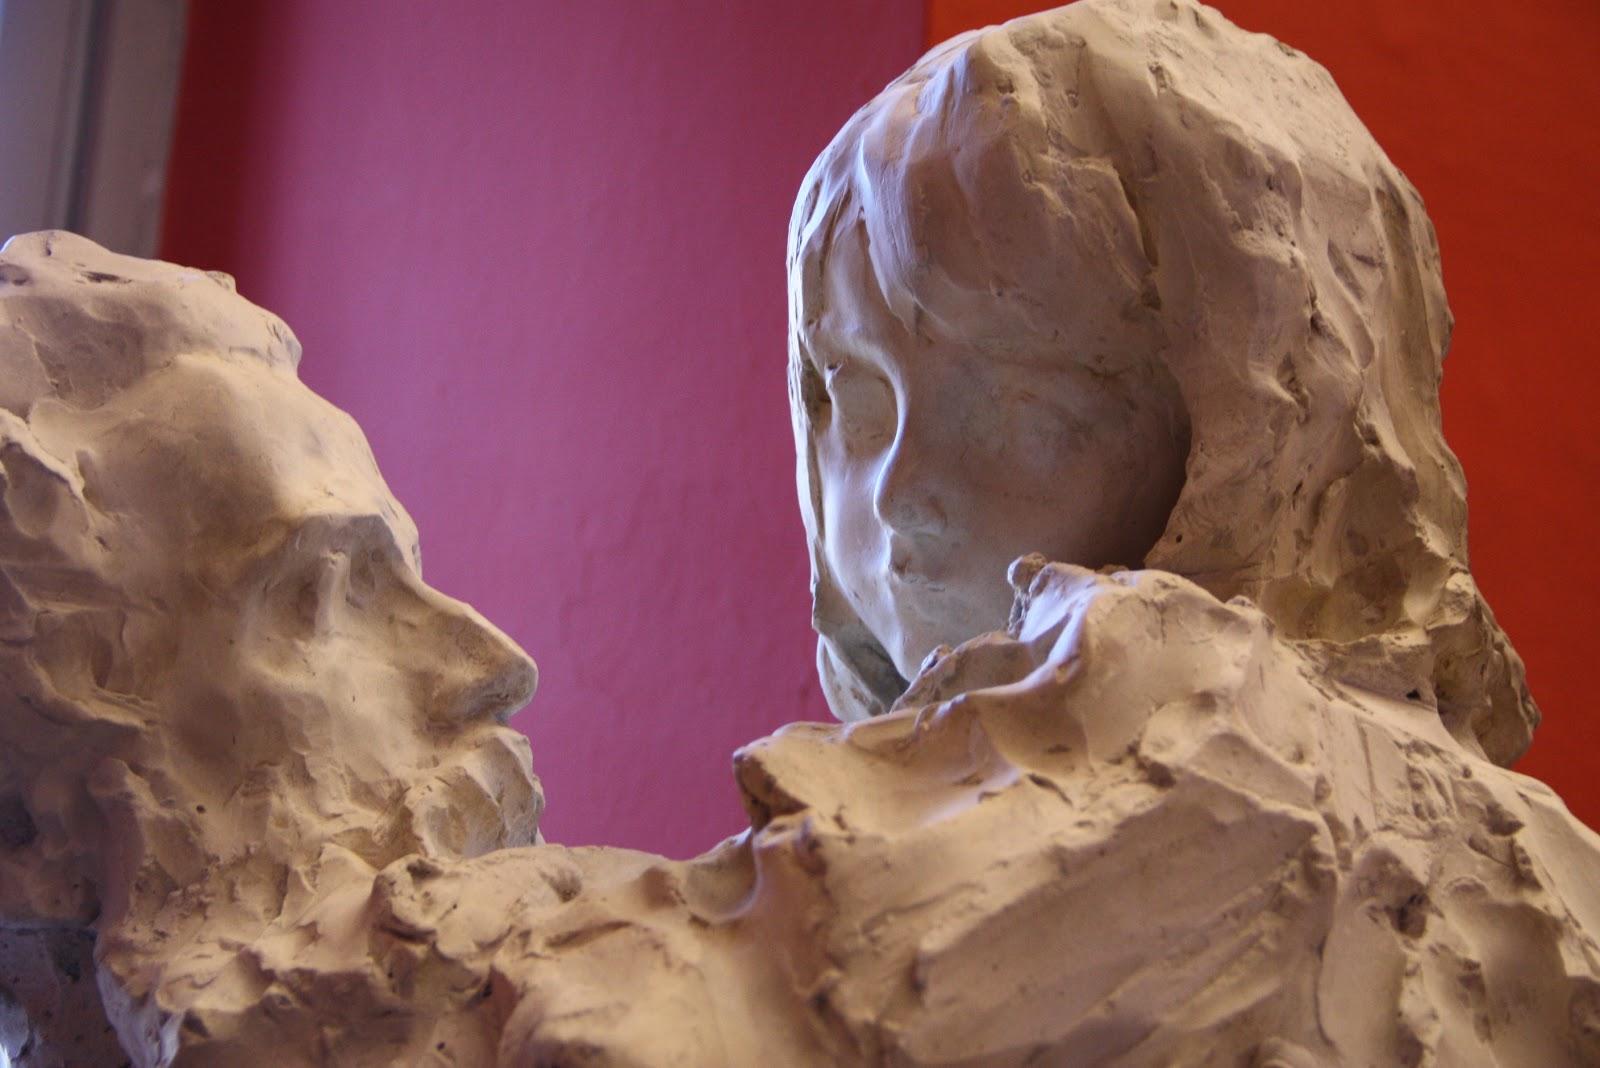 Paolo Troubetzkoy Padre e figlia  detail Museo del Paesaggio Verbania